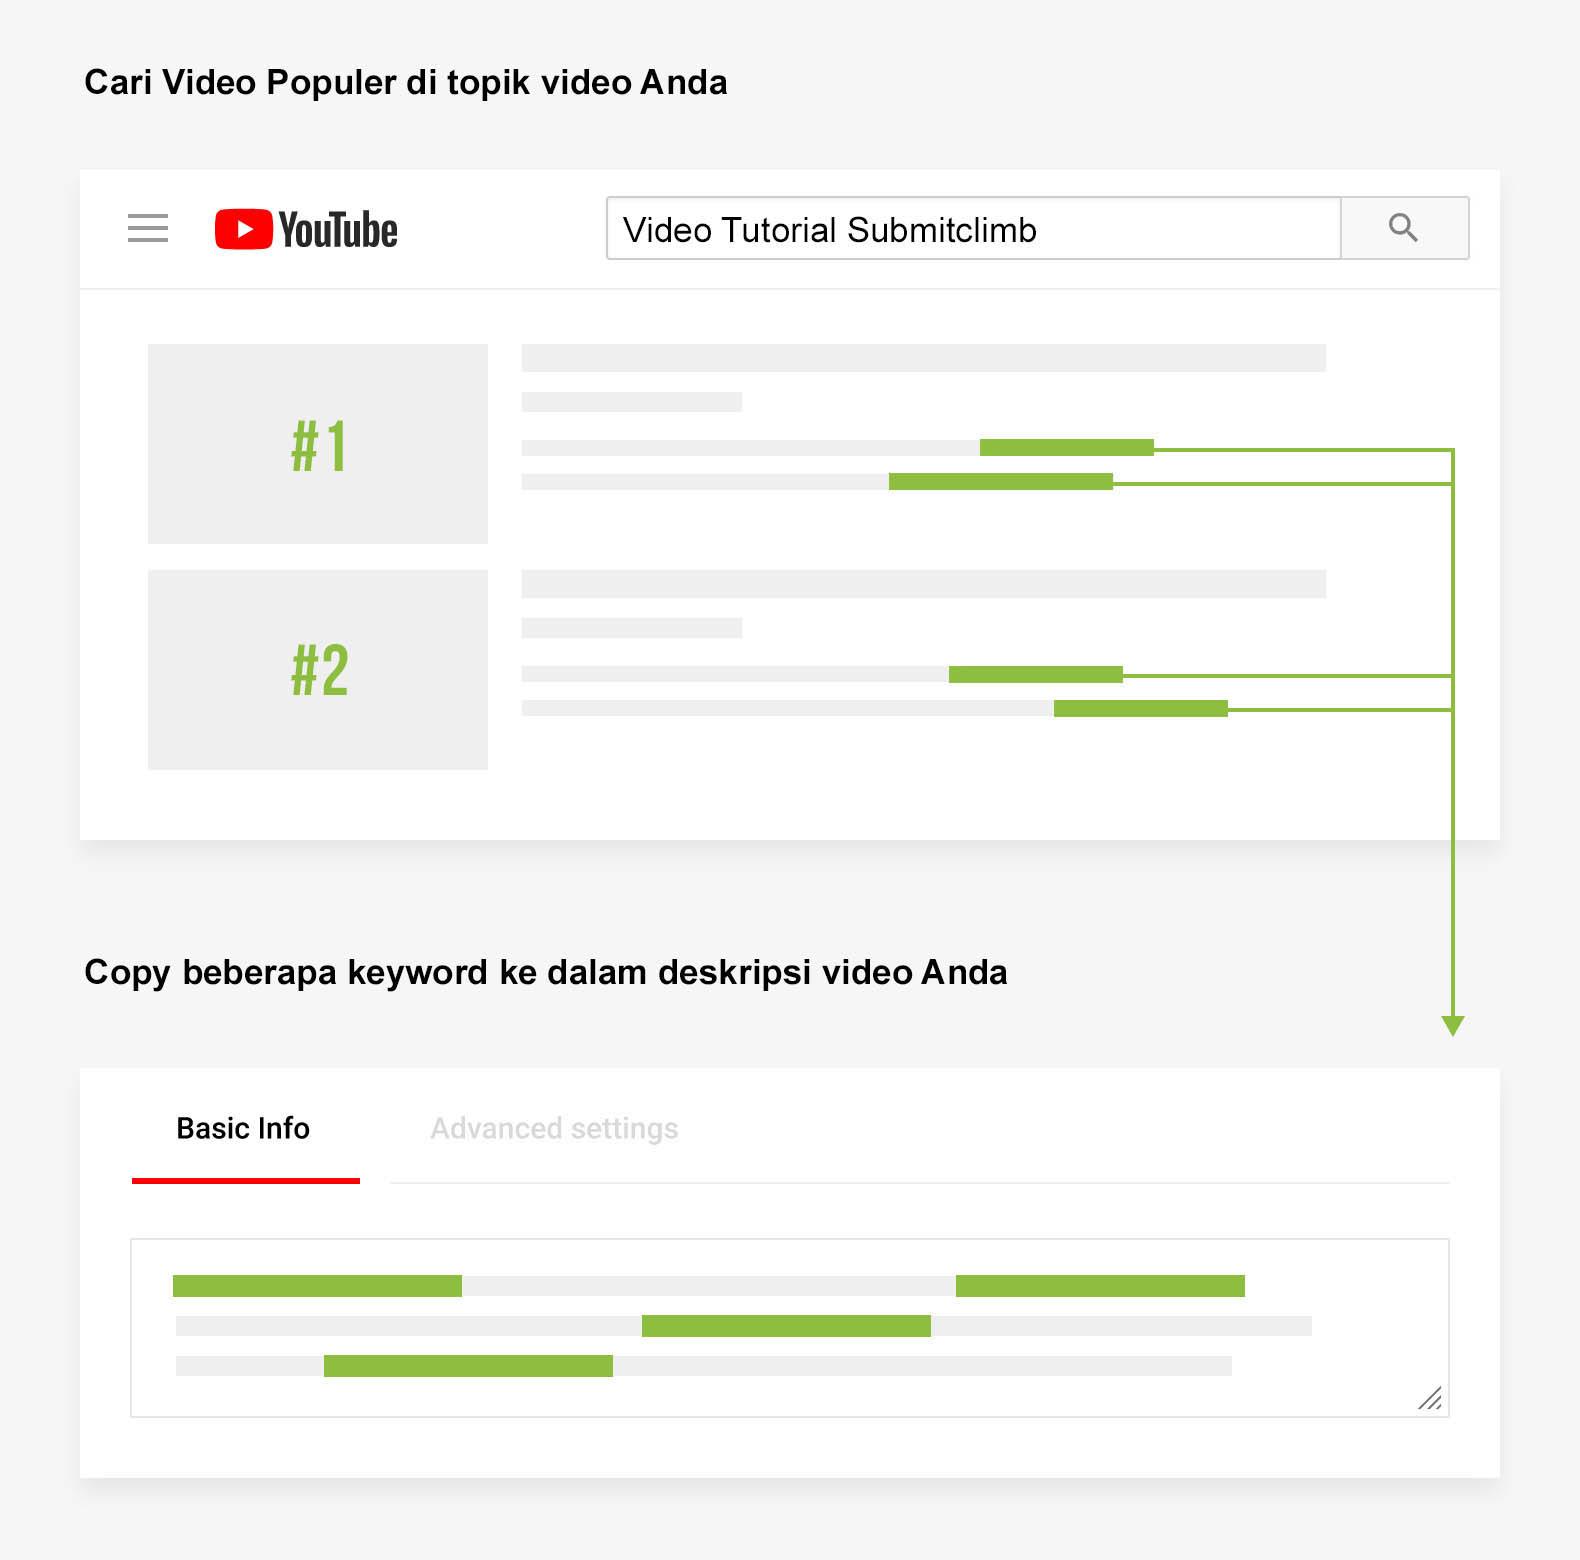 temukan populer video di topik video Anda